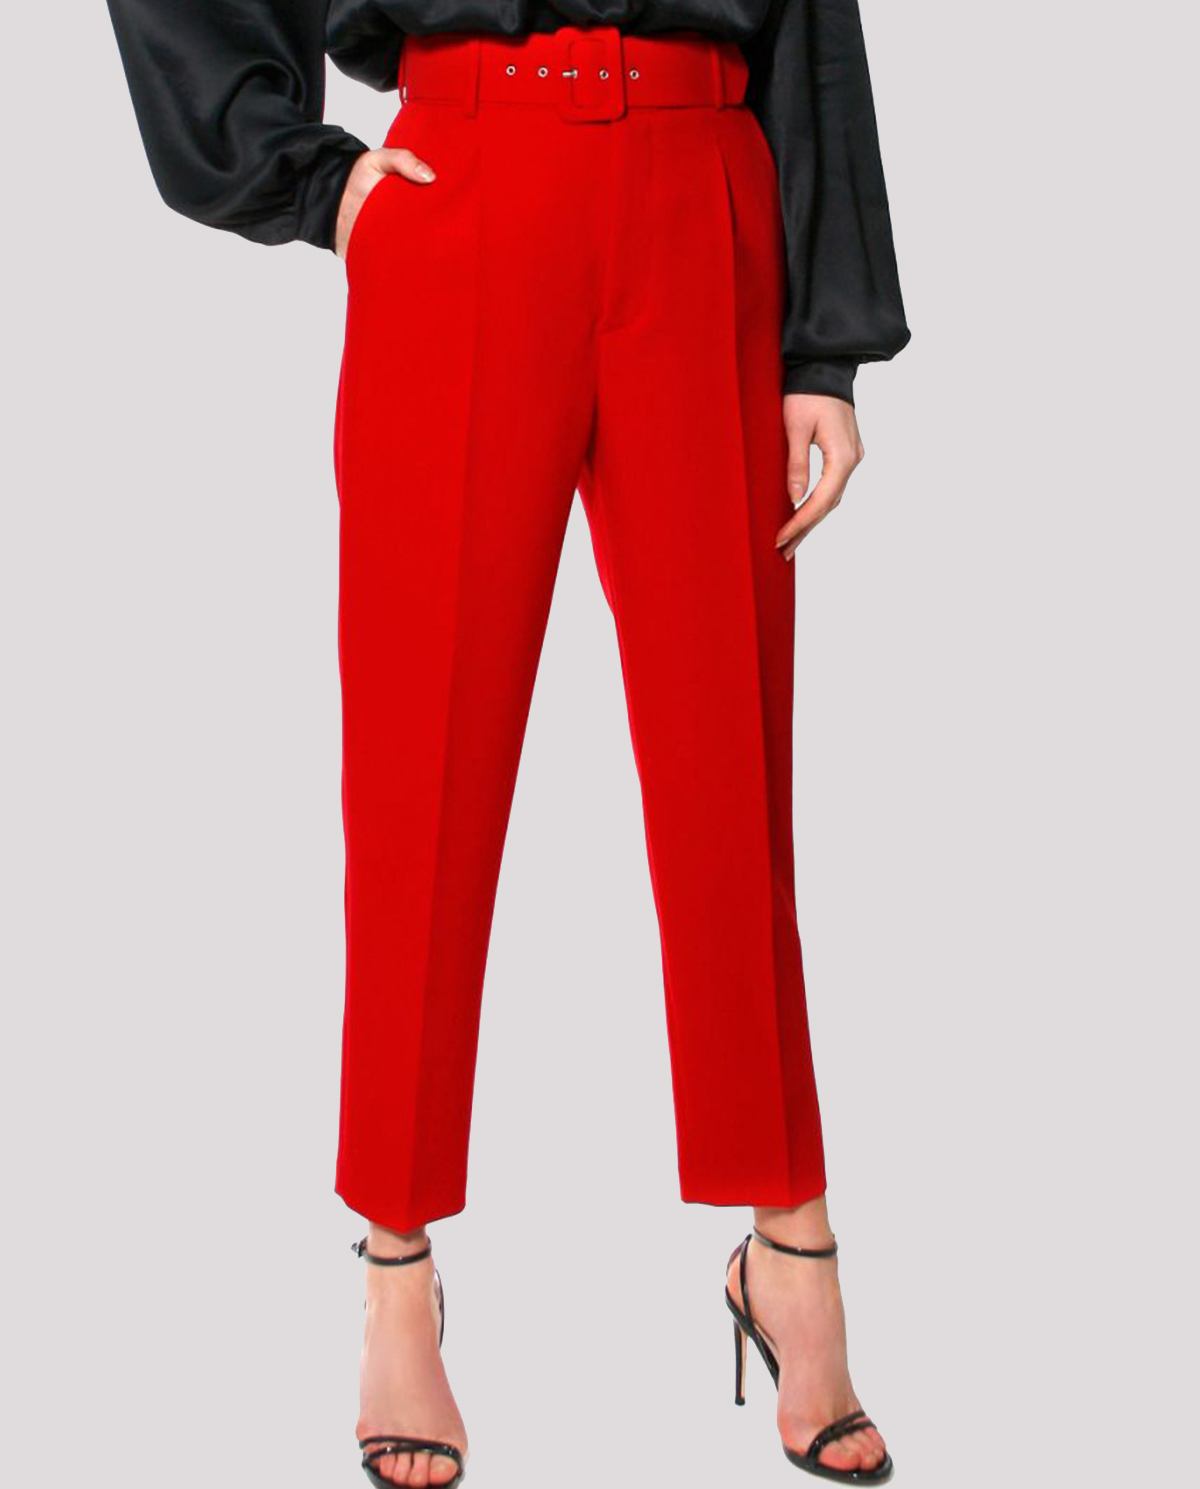 Czerwone spodnie w kant Aggi TRACEY TRUE RED